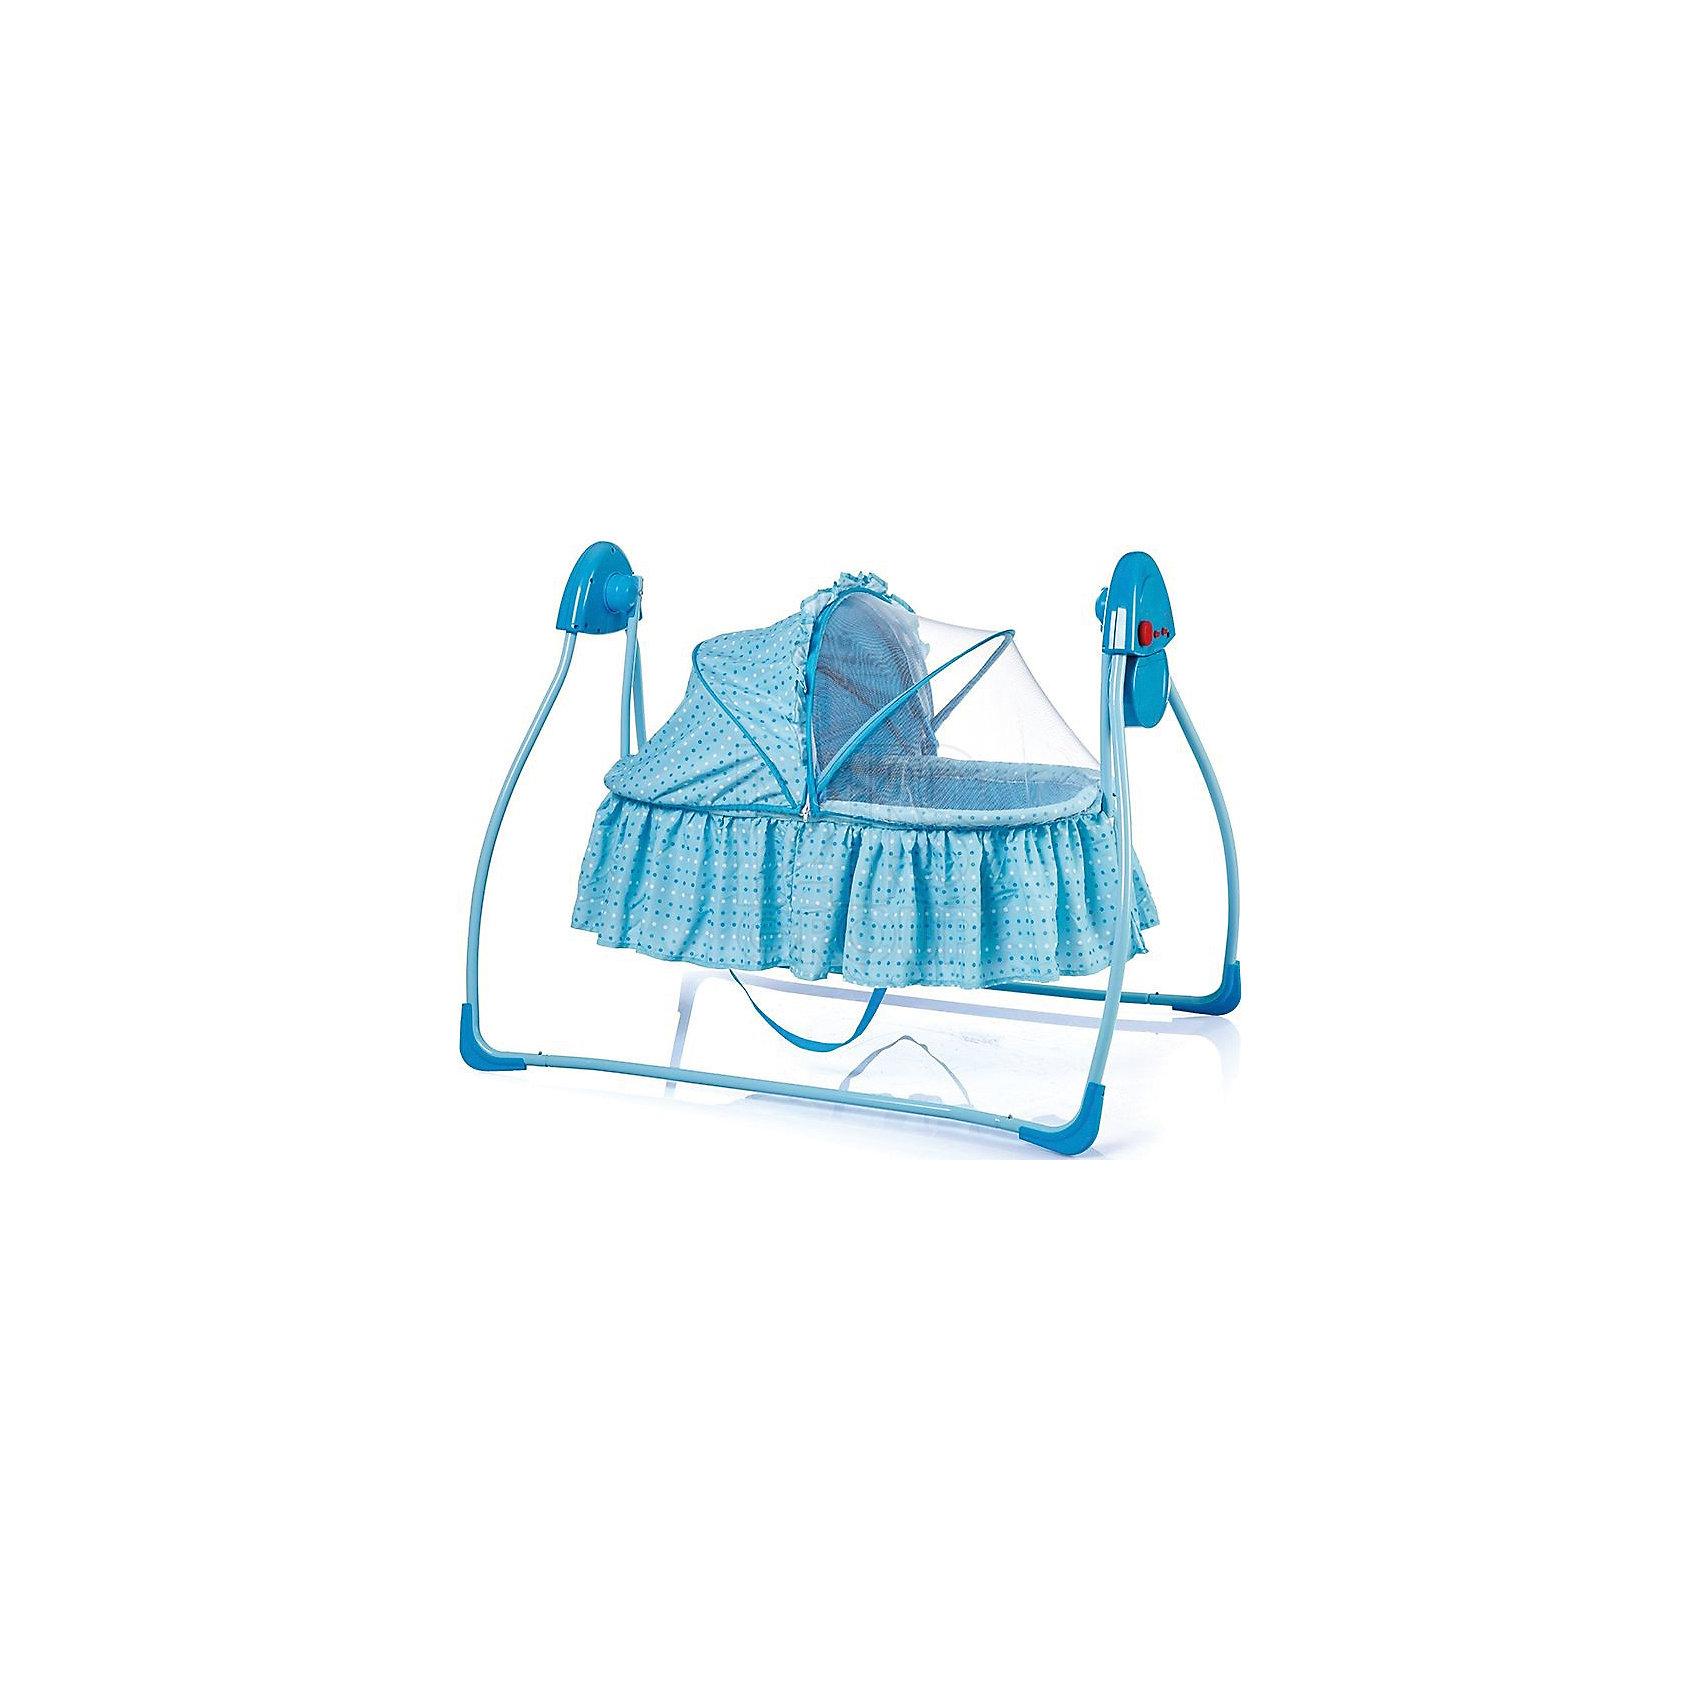 Электрокачели CULLA, Bambola, голубойКрасивые электрокачели от Bambola позволят уложить ребенка спать, не беспокоясь при этом о его безопасности. Приятный цвет качелей способствует успокоению малыша. Эта модель очень удобна: есть 5 скоростей качания, 12 мелодий, 3 режима работы качелей (8, 15 и 30 минут). На них можно включить свет.<br>Качели могут работать от 2 батареек АА. Конструкция  - очень устойчивая. Съемный чехол можно стирать, подушка идет в комплекте, есть 5-точечный ремень безопасности. Изделие произведено из качественных и безопасных для малышей материалов, оно соответствуют всем современным требованиям безопасности. <br> <br>Дополнительная информация:<br><br>цвет: голубой;<br>5 скоростей качания;<br>12 мелодий;<br>может работать от 2 батареек АА;<br>3 режима работы качелей (8, 15 и 30 минут);<br>со светом;<br>с адаптером+;<br>съемный чехол можно стирать;<br>подушка в комплекте;<br>5-точечный ремень безопасности;<br>1 положение спинки;<br>для детей до 9 месяцев;<br>внутренние размеры люльки: 80х43х27 см;<br>размеры упаковки: 51х13х93,5 см.<br><br>Электрокачели CULLA от компании Bambola можно купить в нашем магазине.<br><br>Ширина мм: 500<br>Глубина мм: 130<br>Высота мм: 935<br>Вес г: 4700<br>Возраст от месяцев: 0<br>Возраст до месяцев: 6<br>Пол: Унисекс<br>Возраст: Детский<br>SKU: 4720029